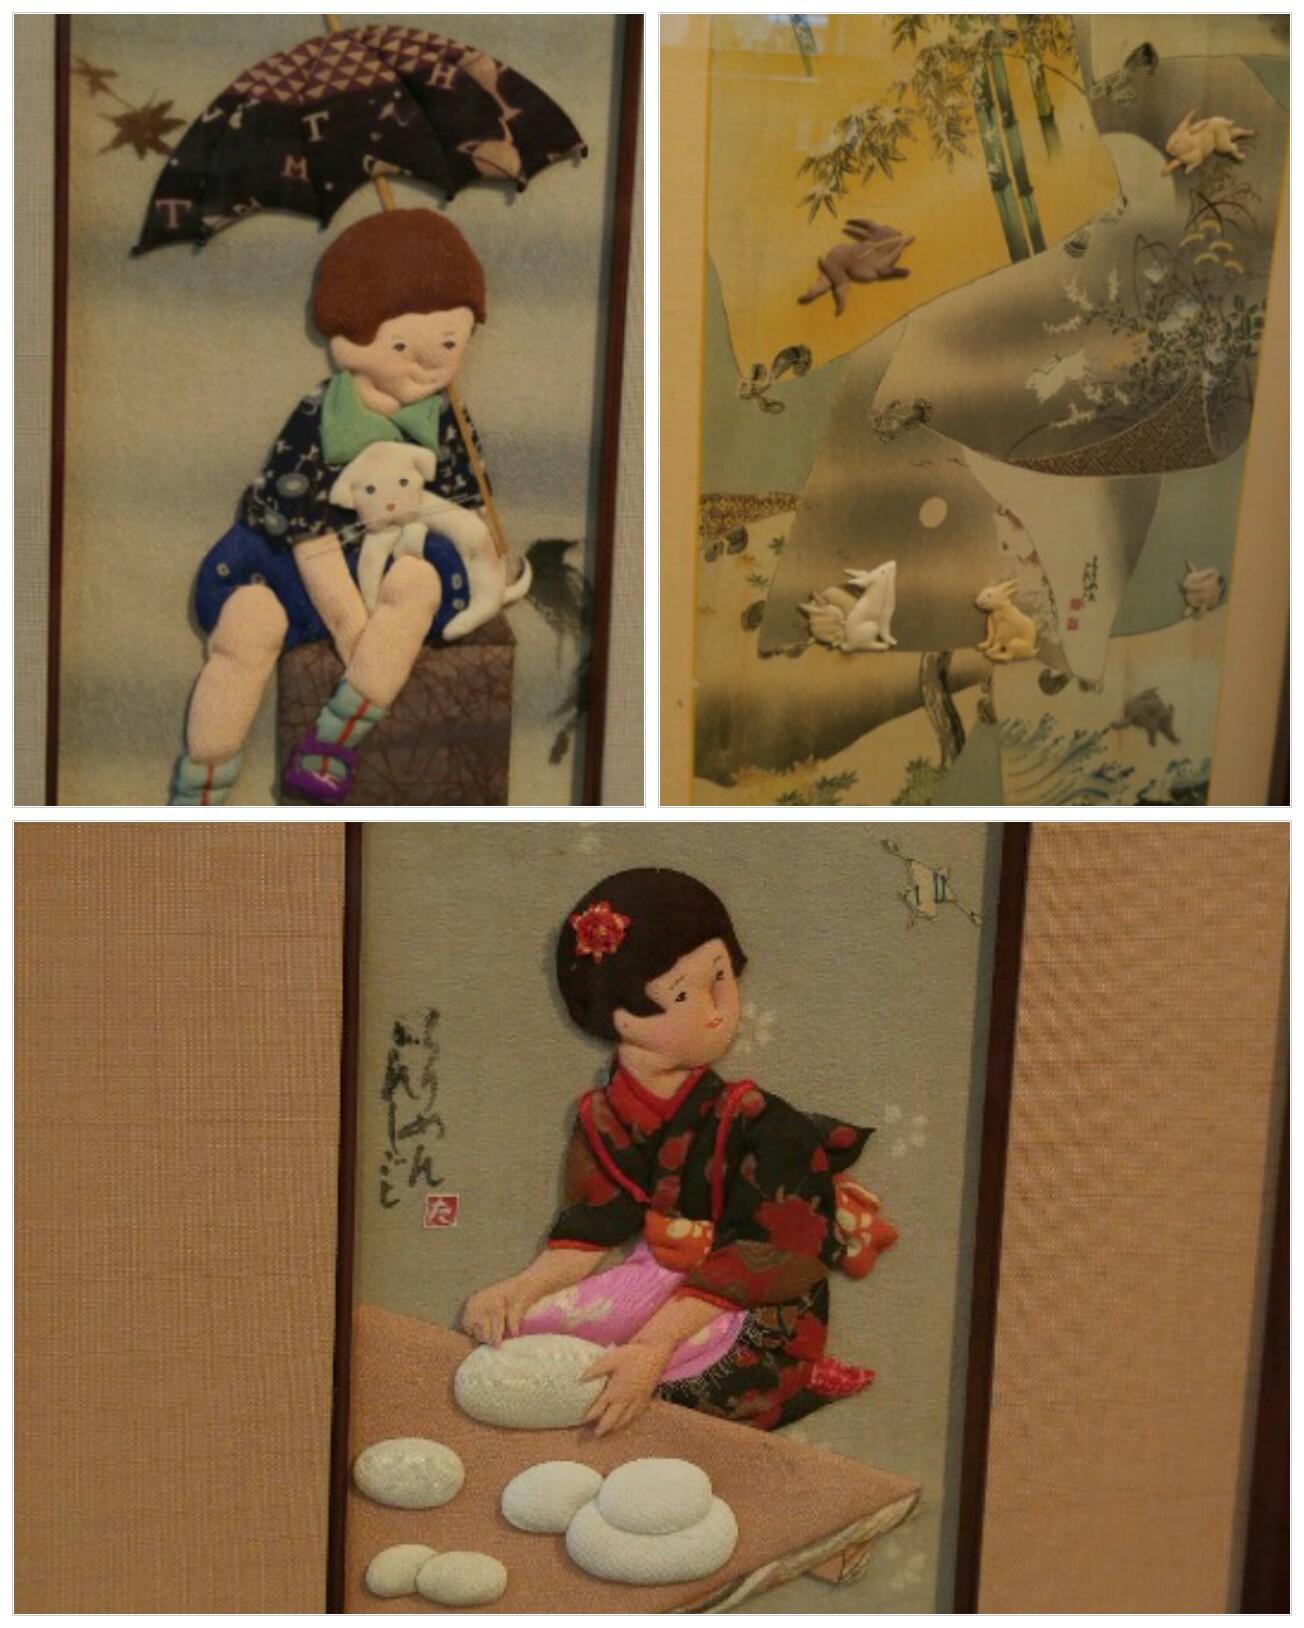 企画展「観月饗宴」開催中(*^_^*)_f0361132_16102752.jpg